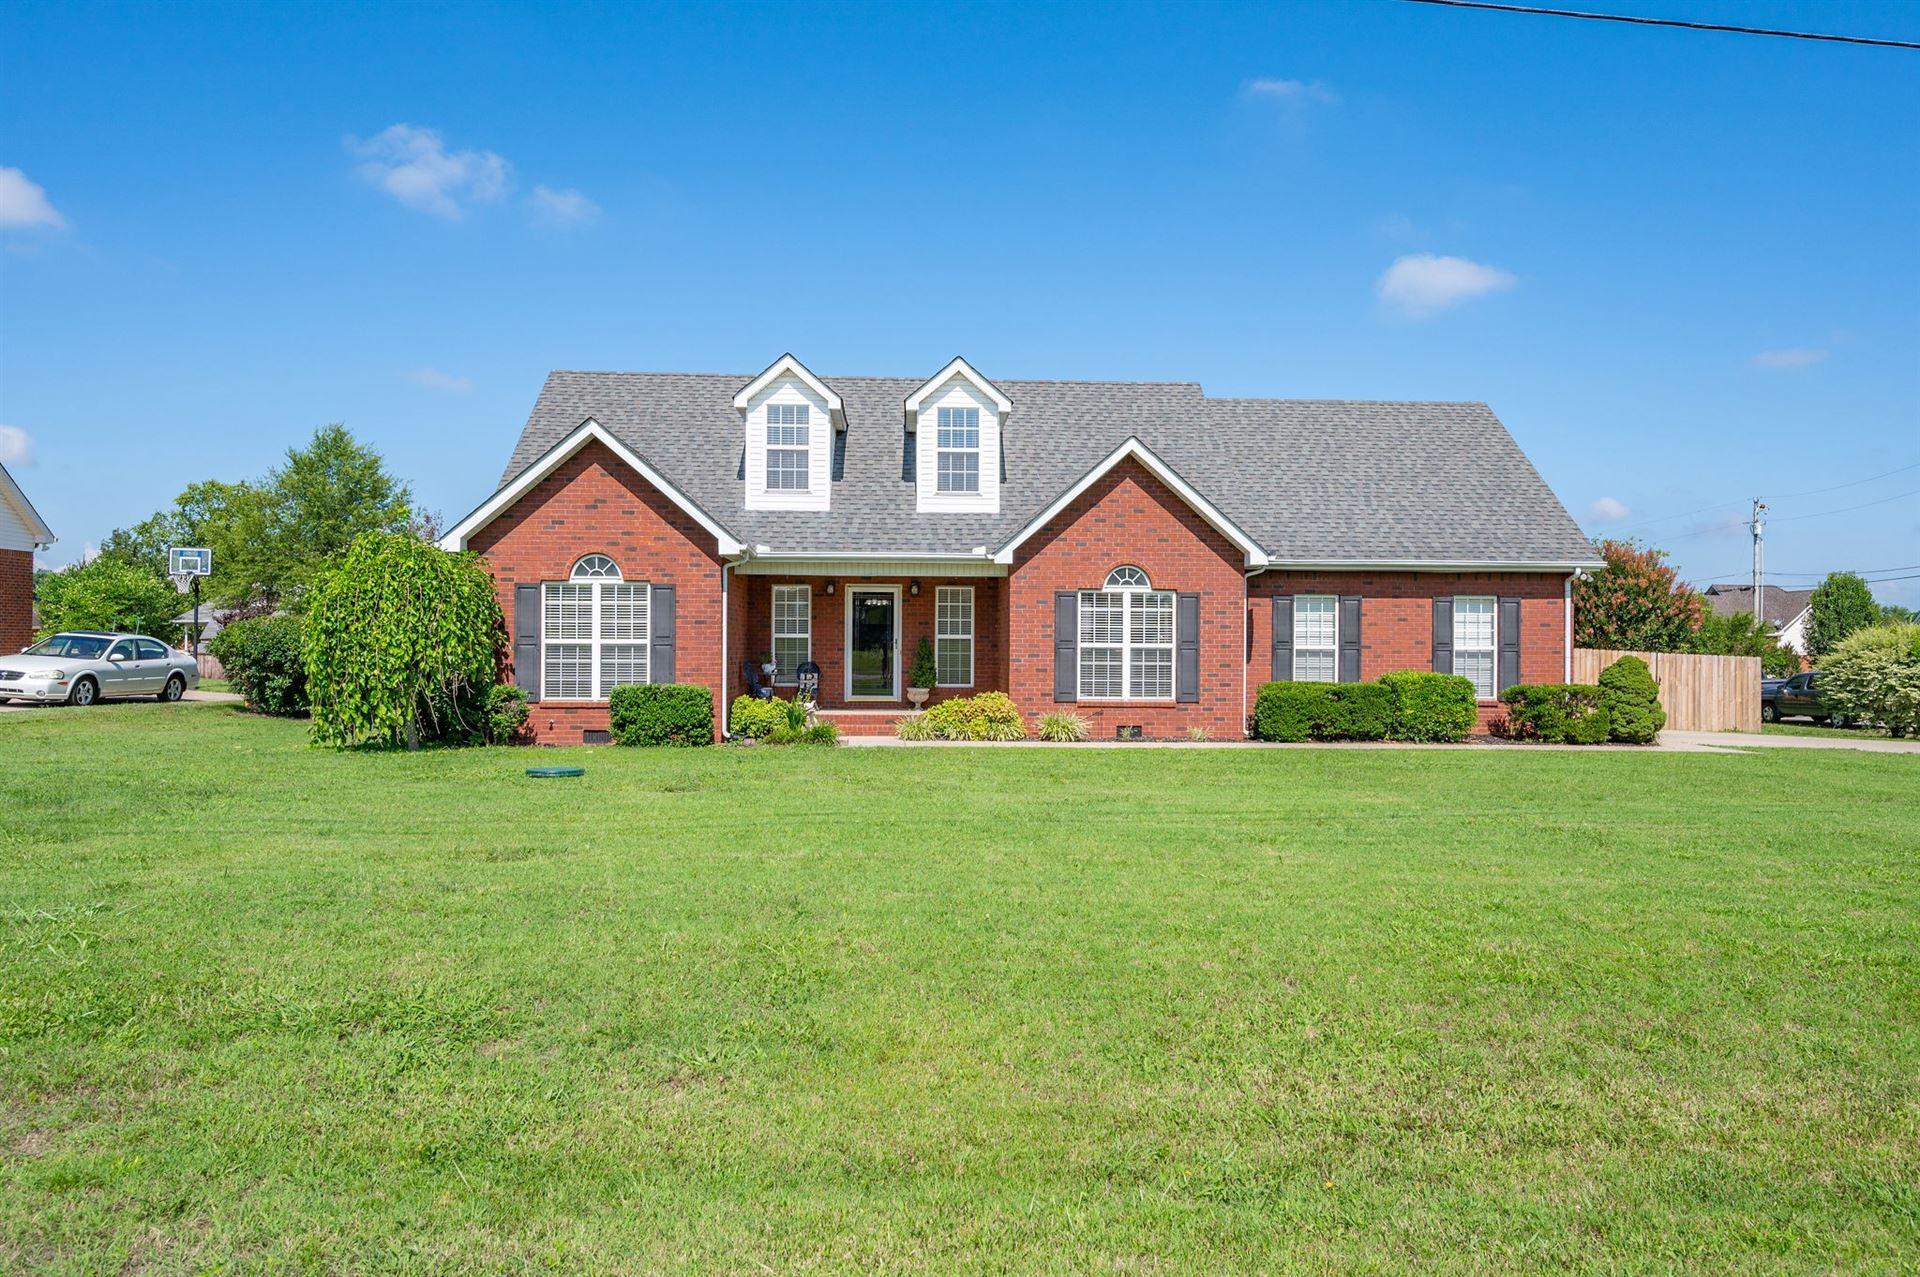 Photo of 102 Epps Wood Ct S, Murfreesboro, TN 37129 (MLS # 2168346)